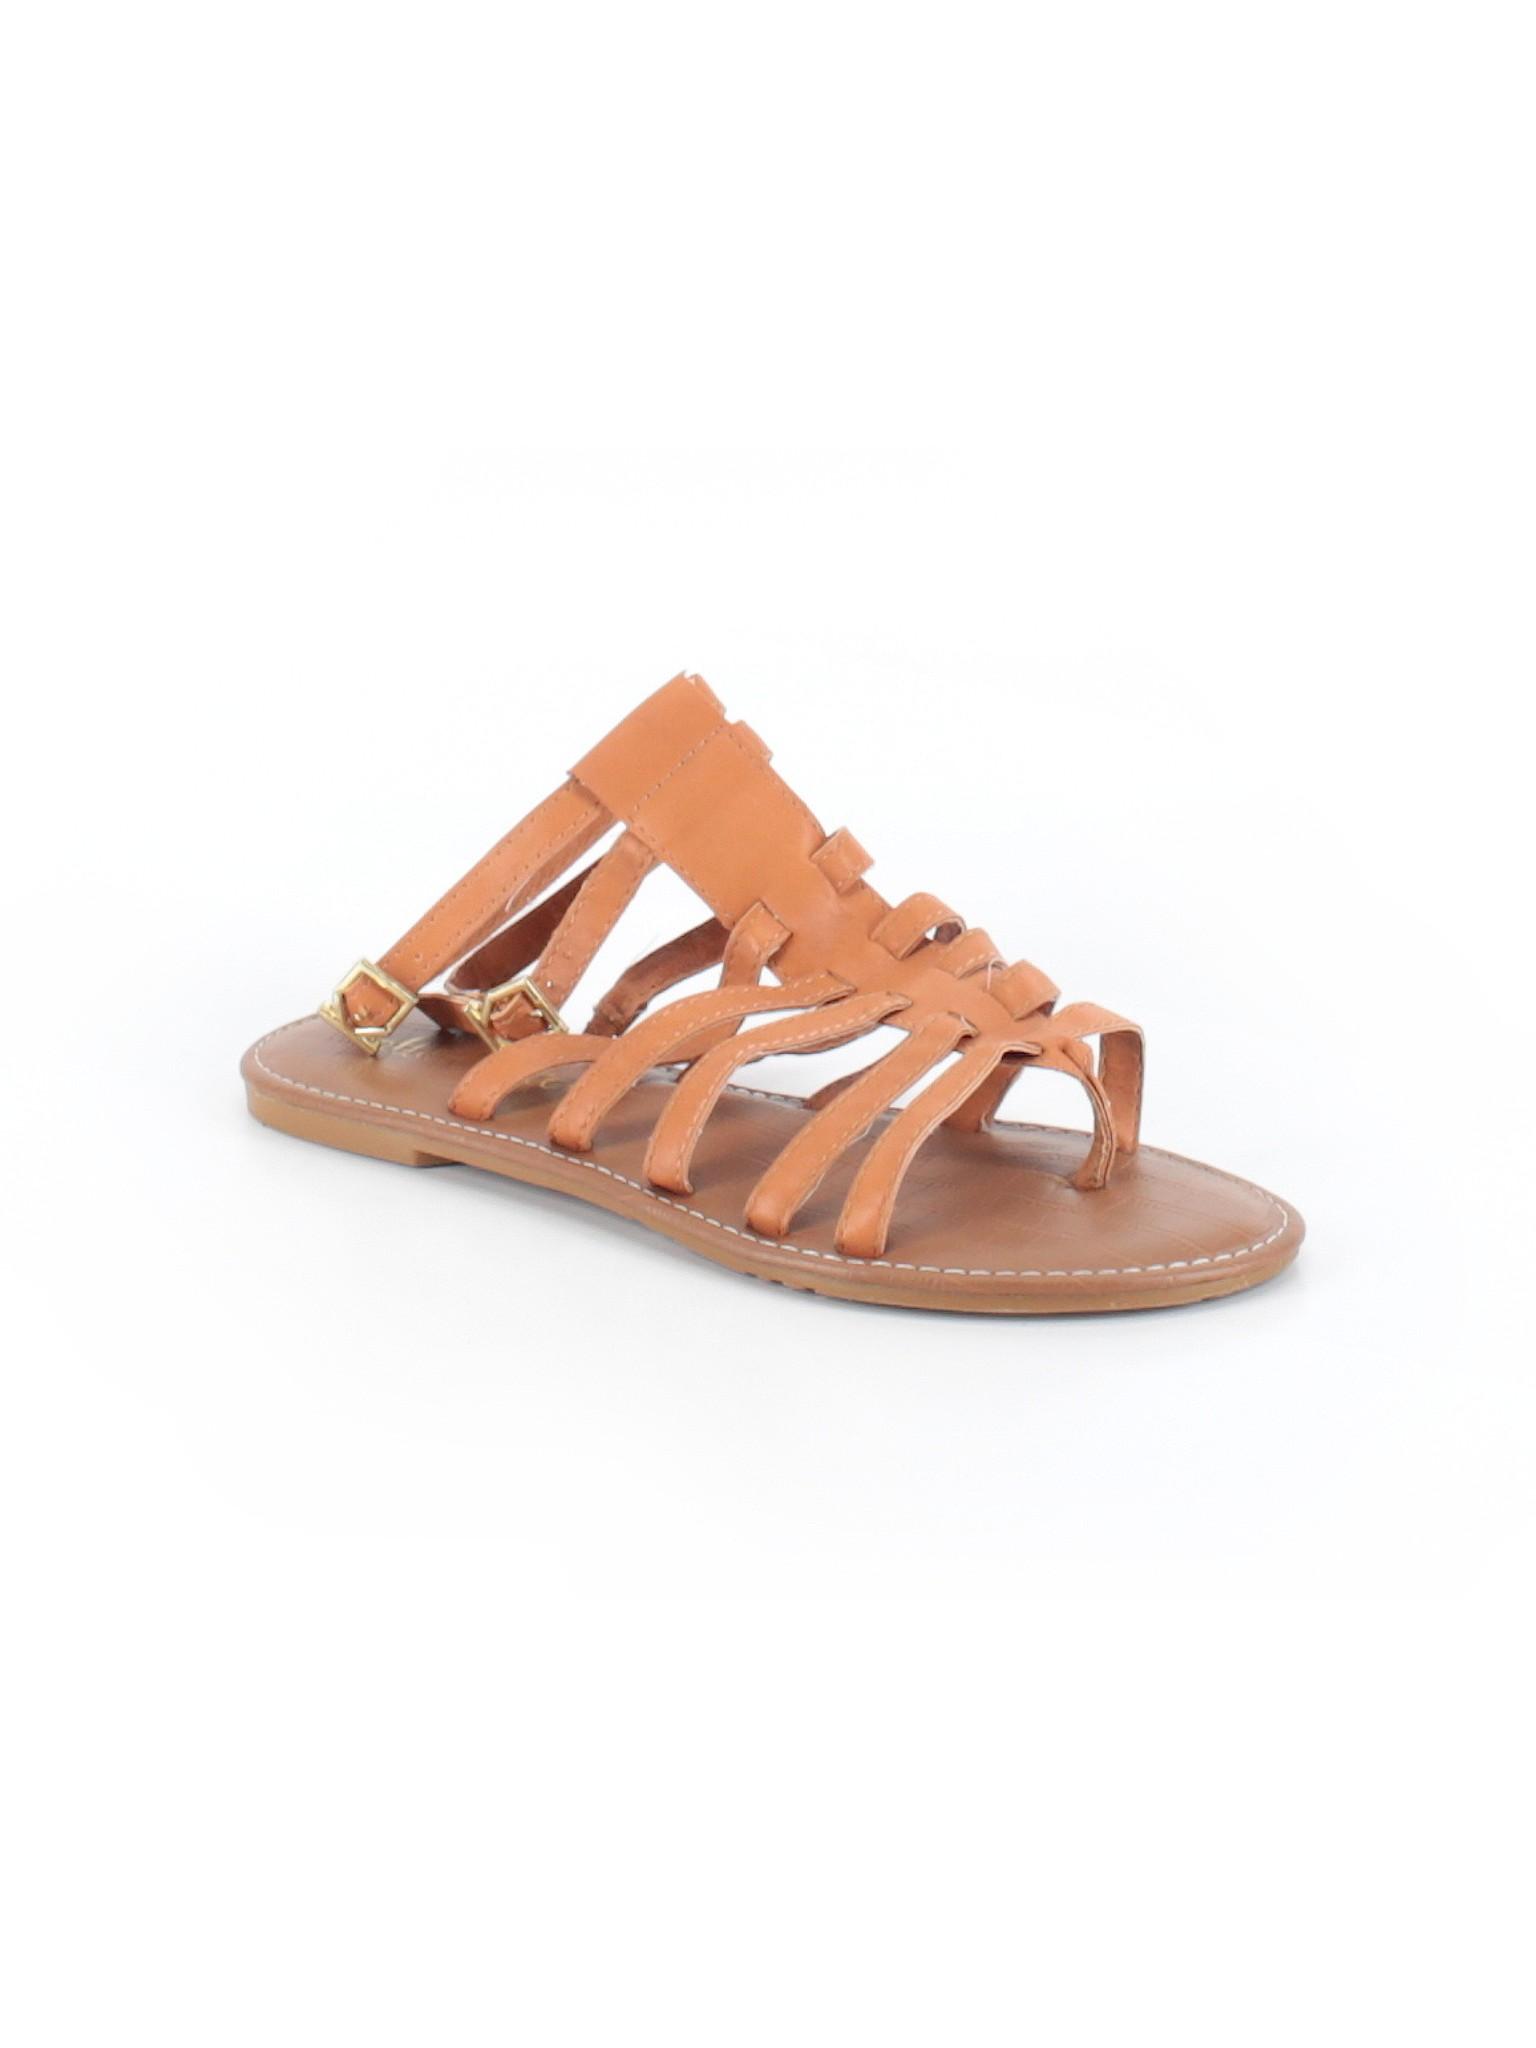 promotion promotion Sandals Boutique Boutique Altar'd Sandals State Altar'd State 5qwX8t